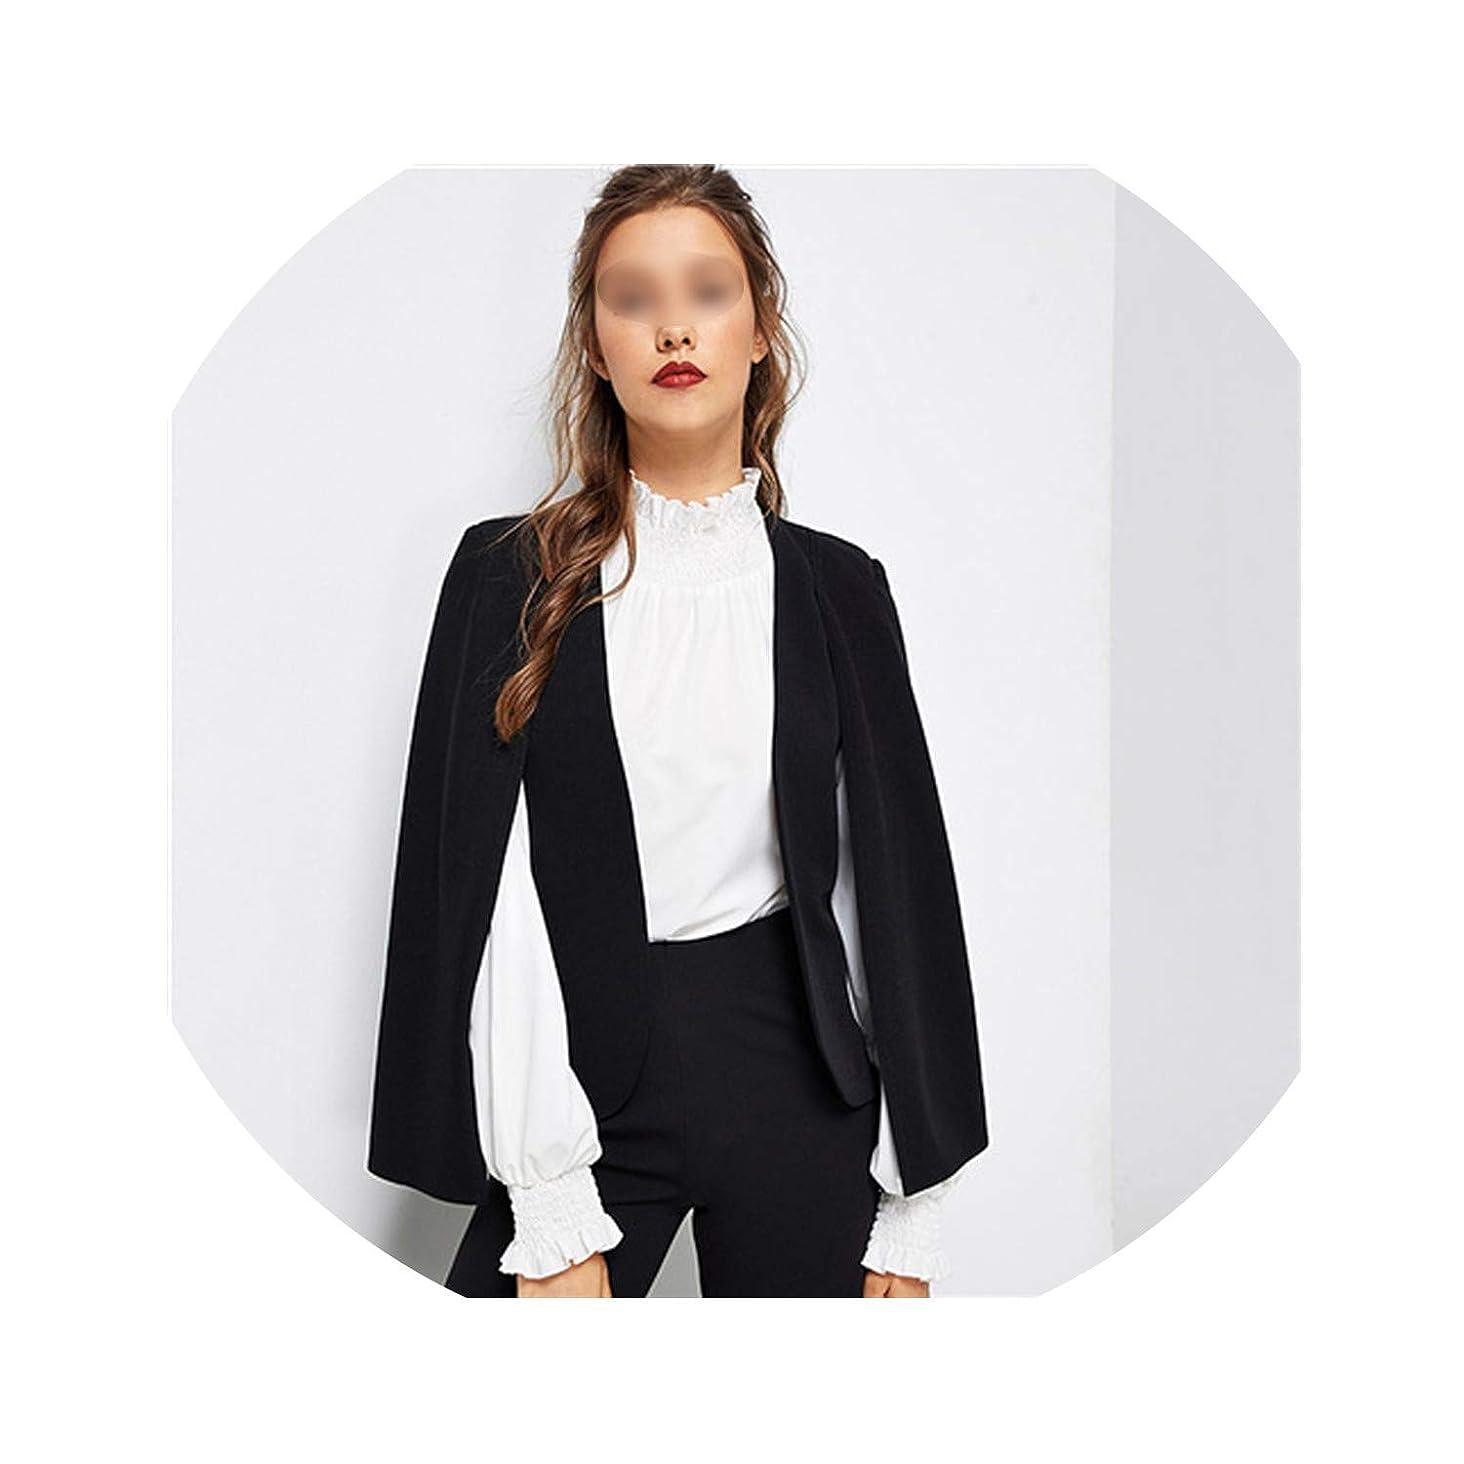 Lady Streetwear Cloak Open Front Blazer Elegant Modern Lady Workwear Women Coats Outerwear